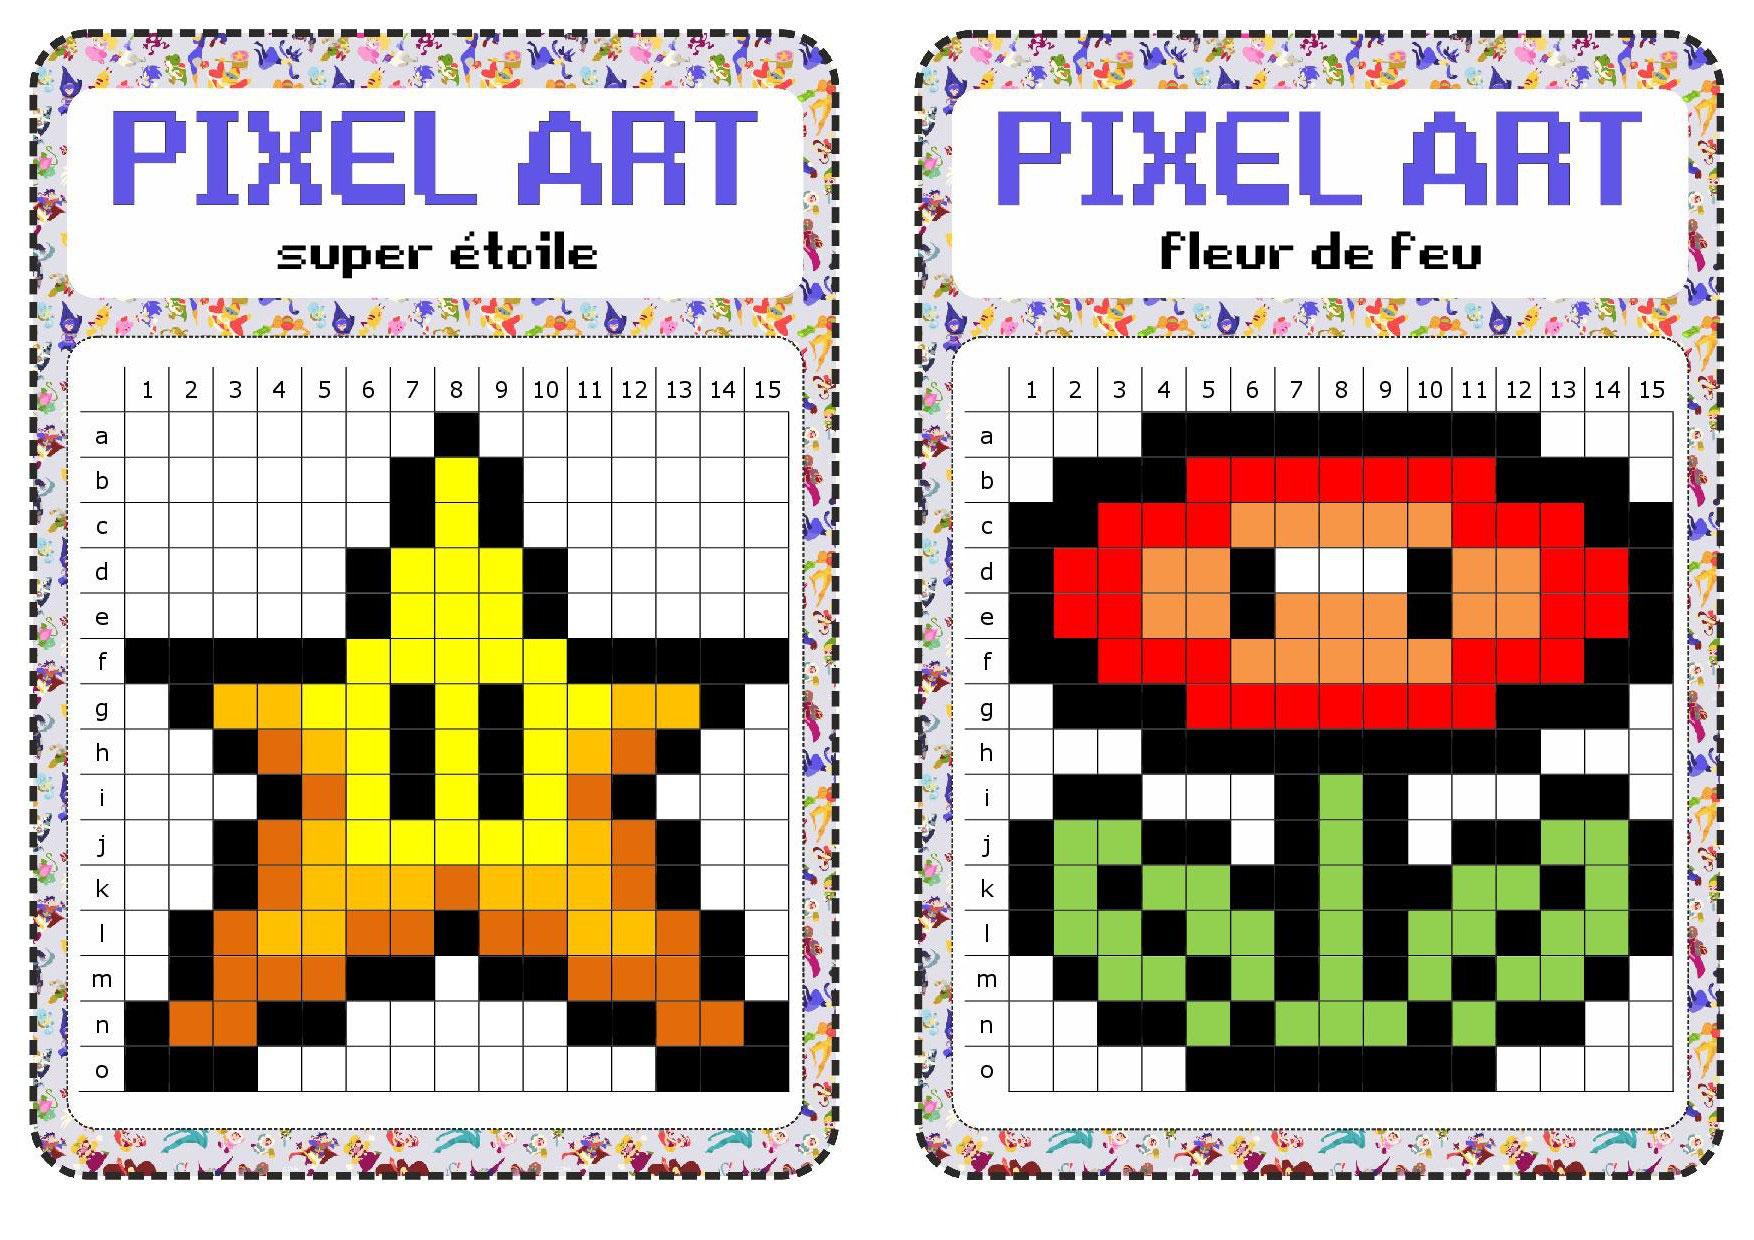 Atelier Libre : Pixel Art - Fiches De Préparations (Cycle1 encequiconcerne Modèles De Dessins À Reproduire